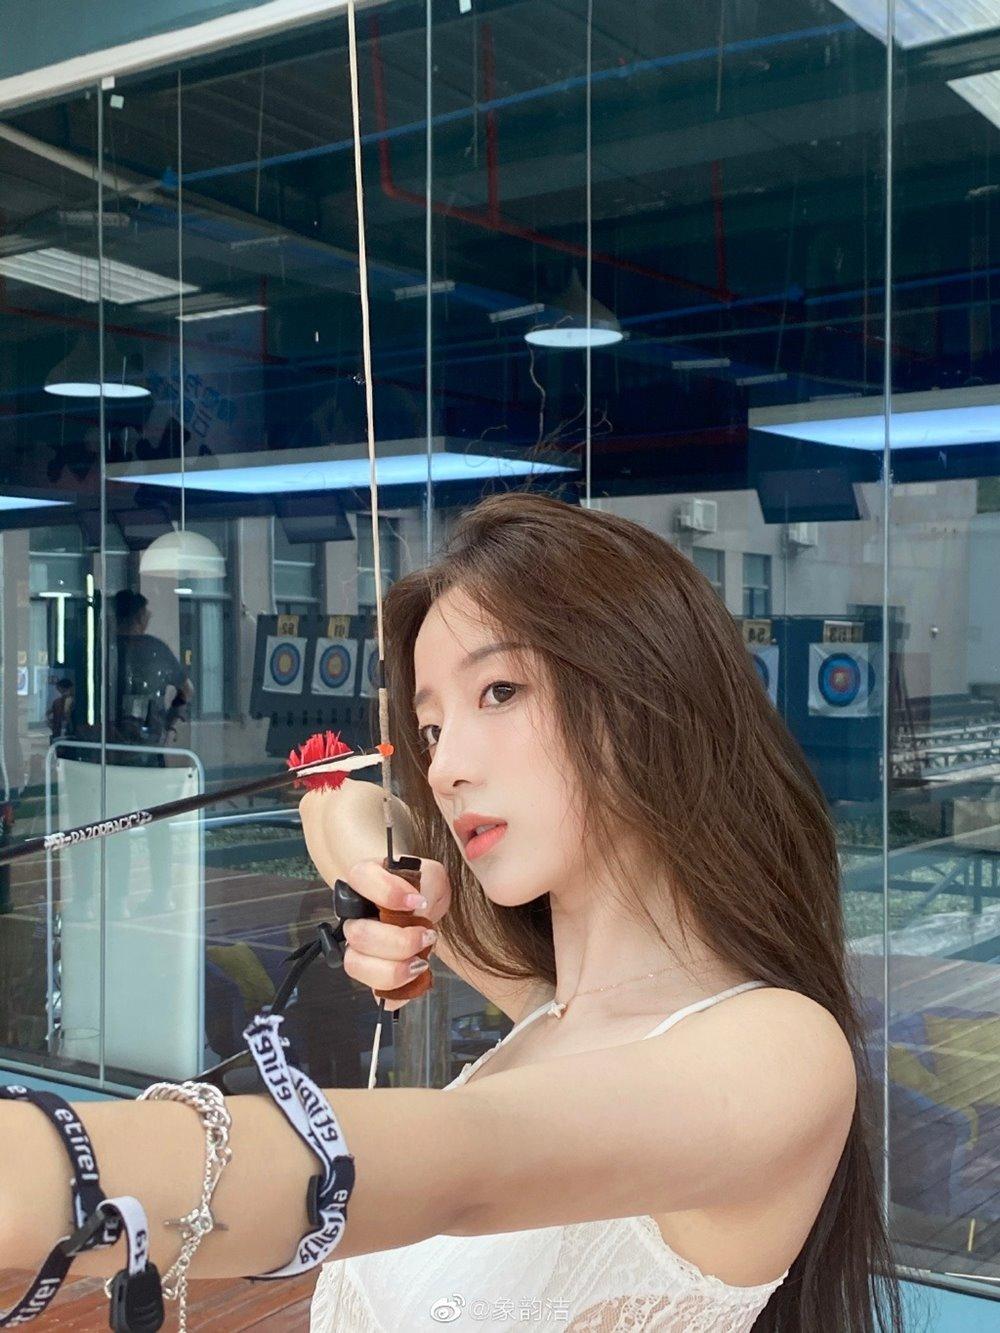 """Phát hiện """"nữ thần bắn cung"""" mới xứ Trung, mặc hở đầy tinh tế nhìn phía sau cũng mê hồn - hình ảnh 2"""